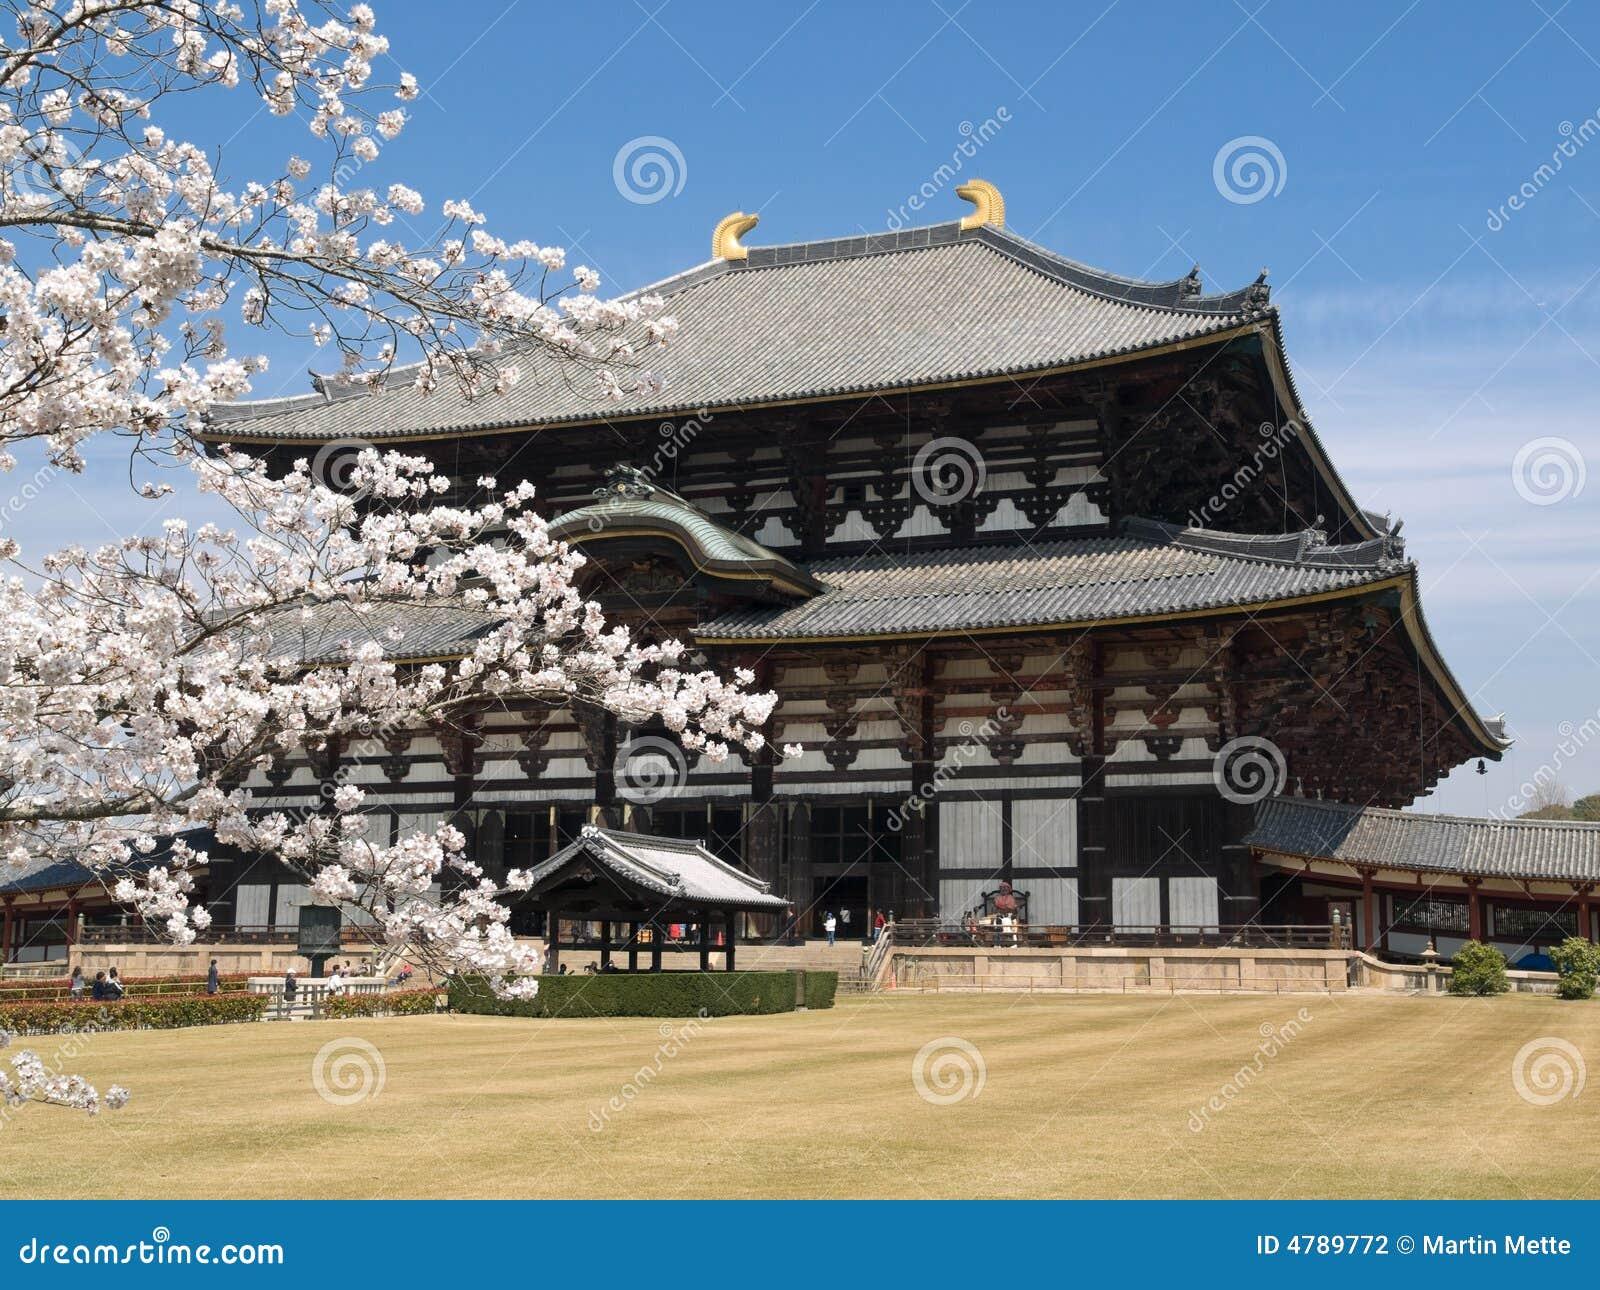 Nara Todaiji Temple Stock Photography - Image: 4789772